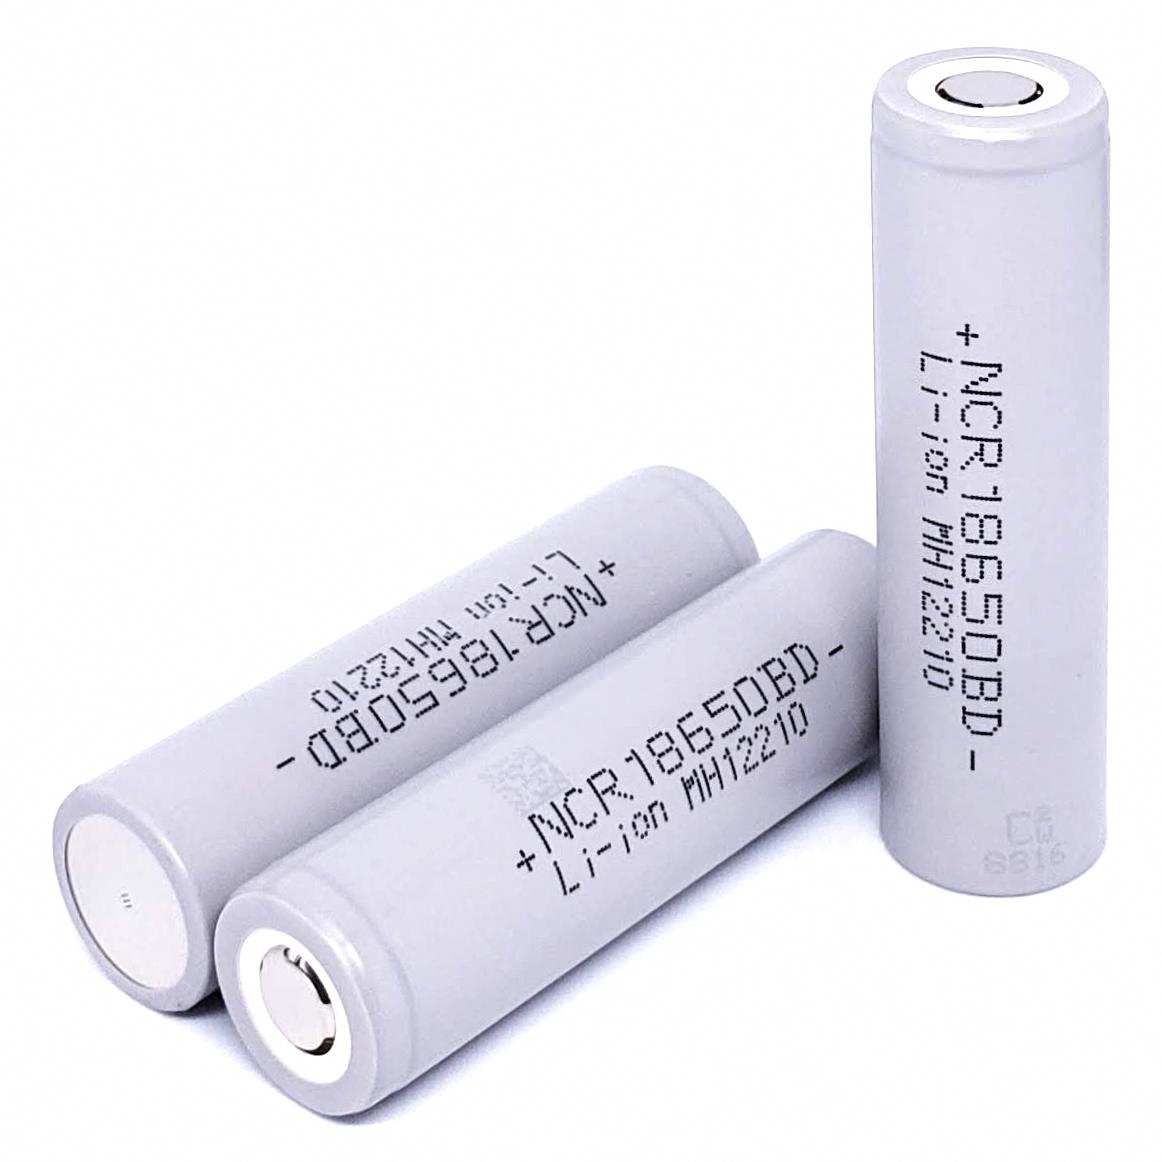 Panasonic Ncr18650bd 10a 3180mah High Drain Flat Top Rechargeable Battery Rechargeable Batteries Panasonic Battery Lights